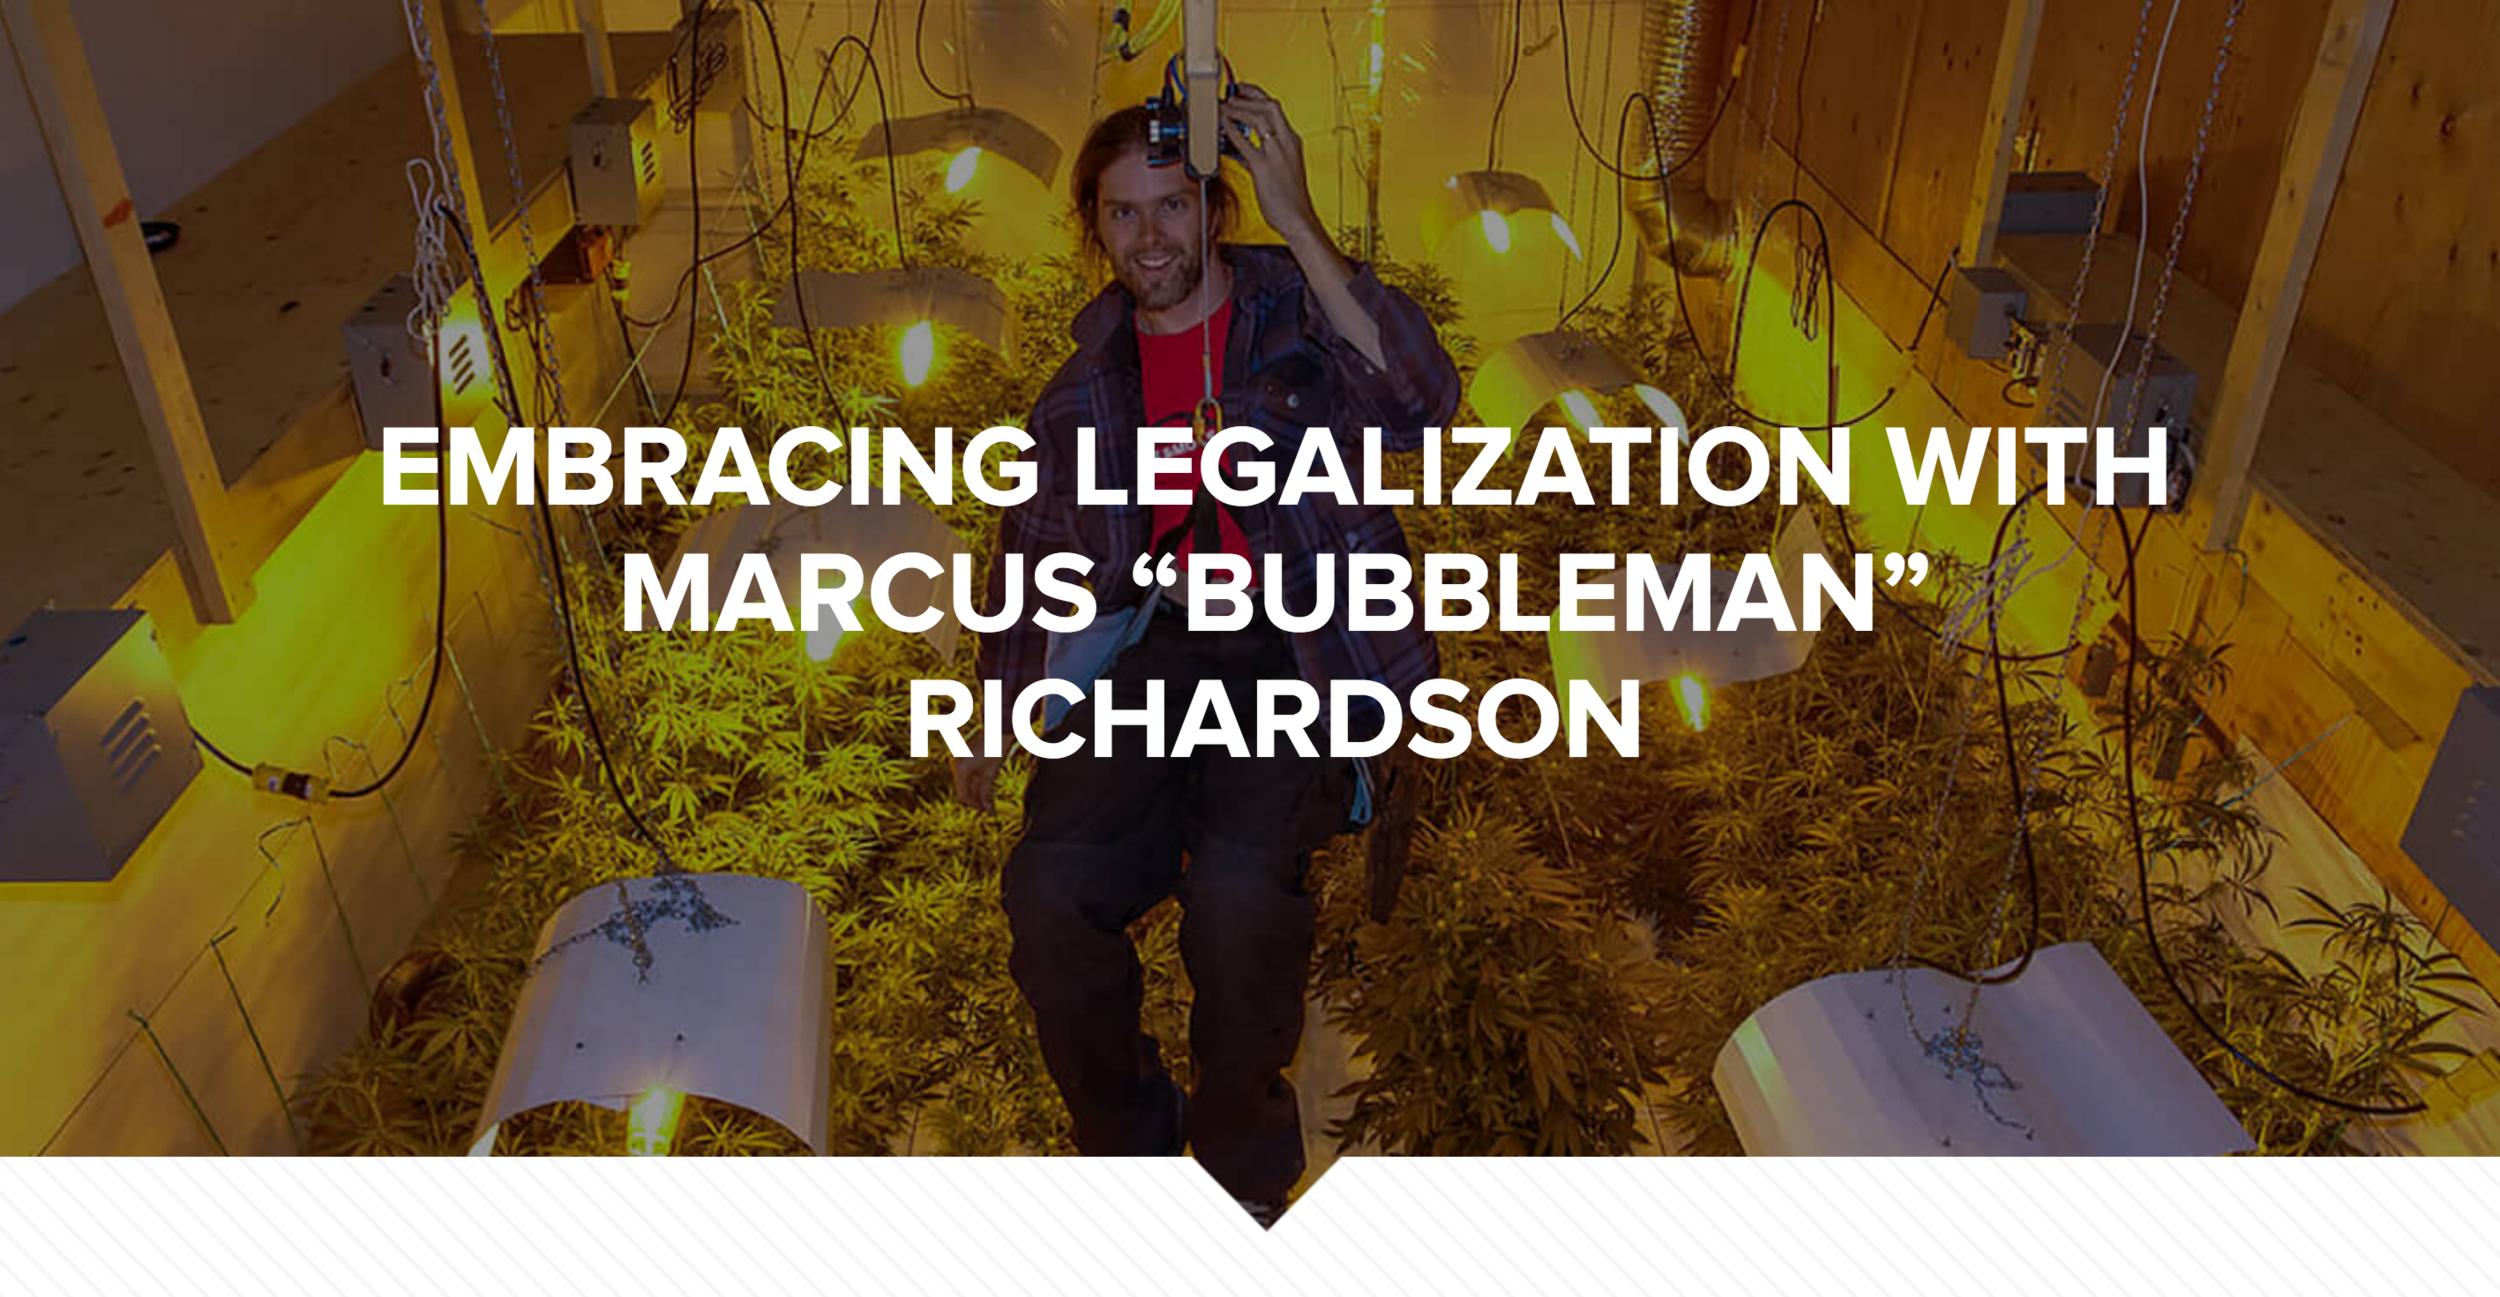 marcus richardson bubbleman